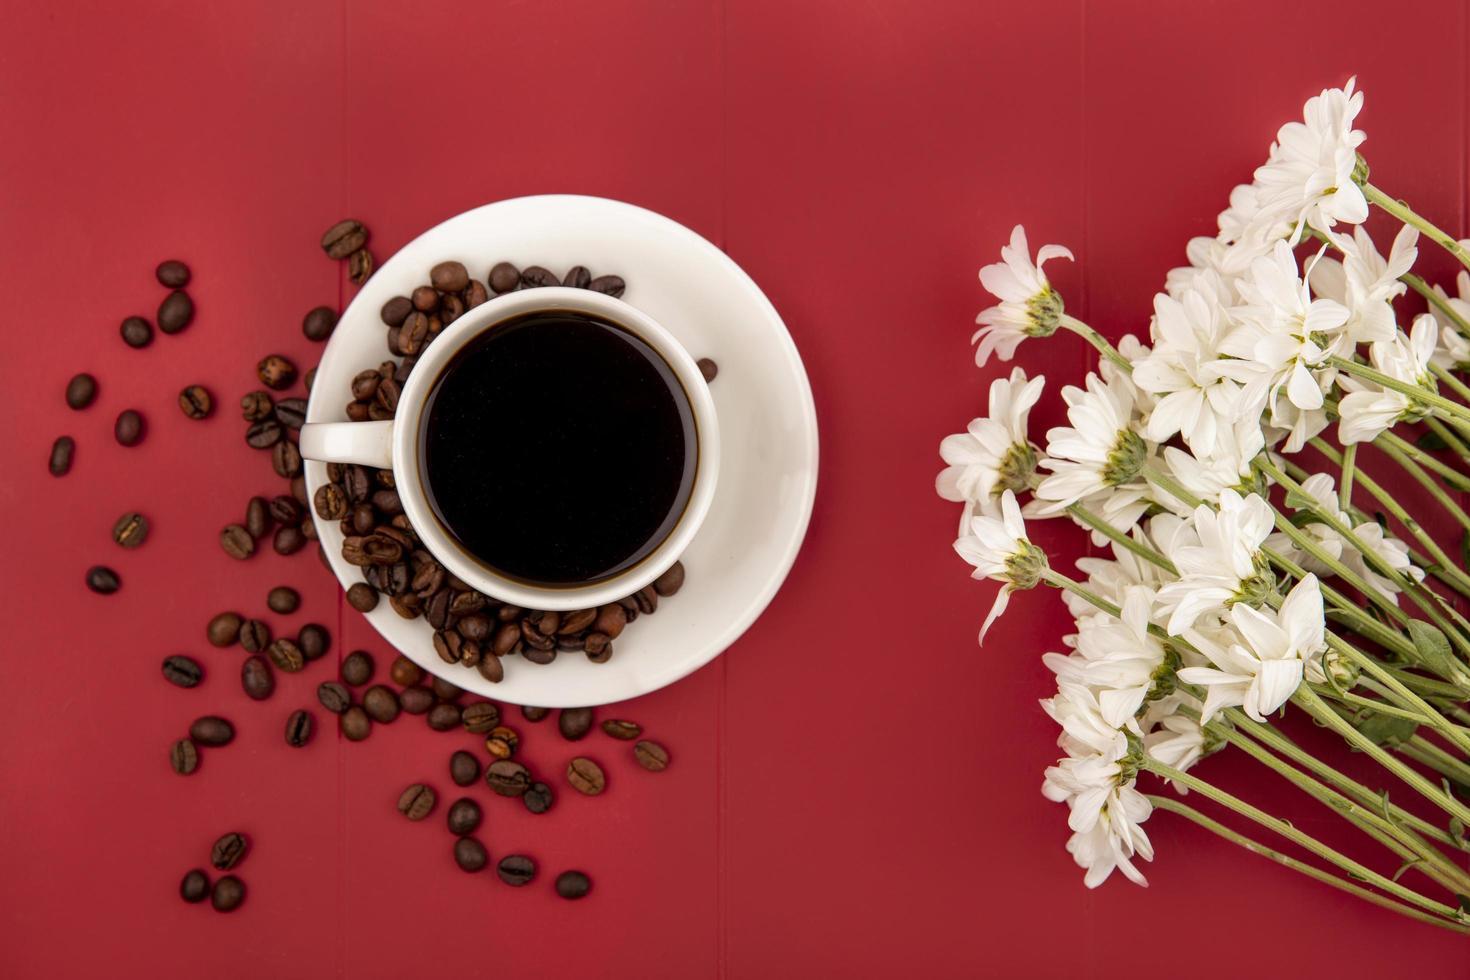 Vista superior del café en una taza blanca con granos de café sobre un fondo rojo. foto